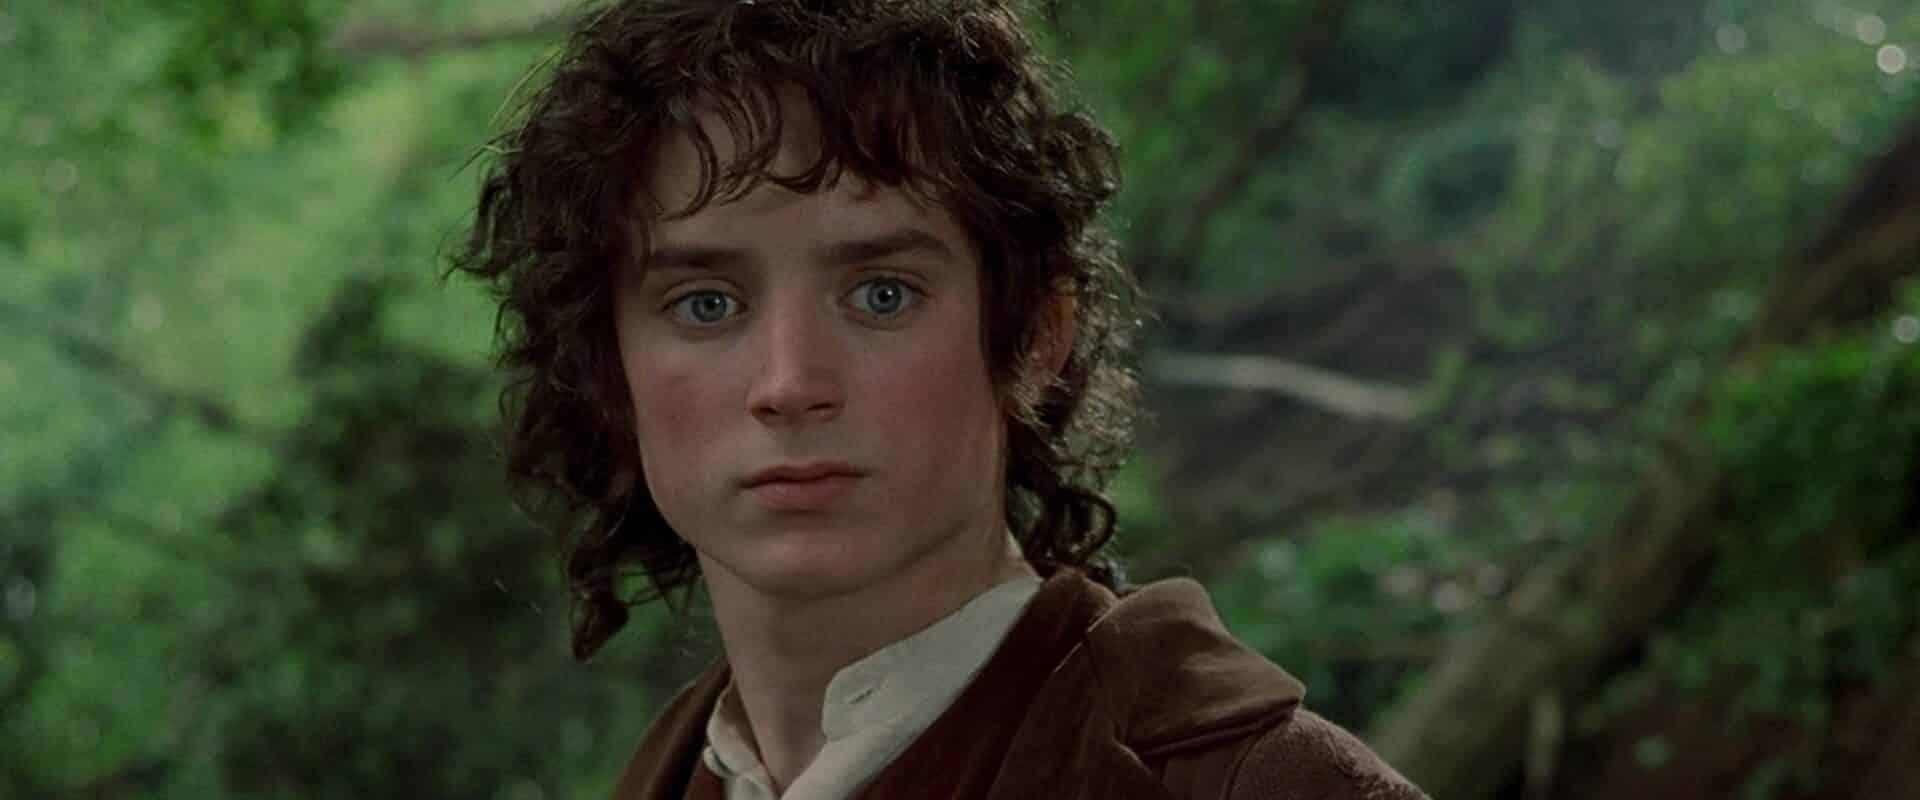 Elijah Wood, Il Signore degli Anelli, Cinematographe